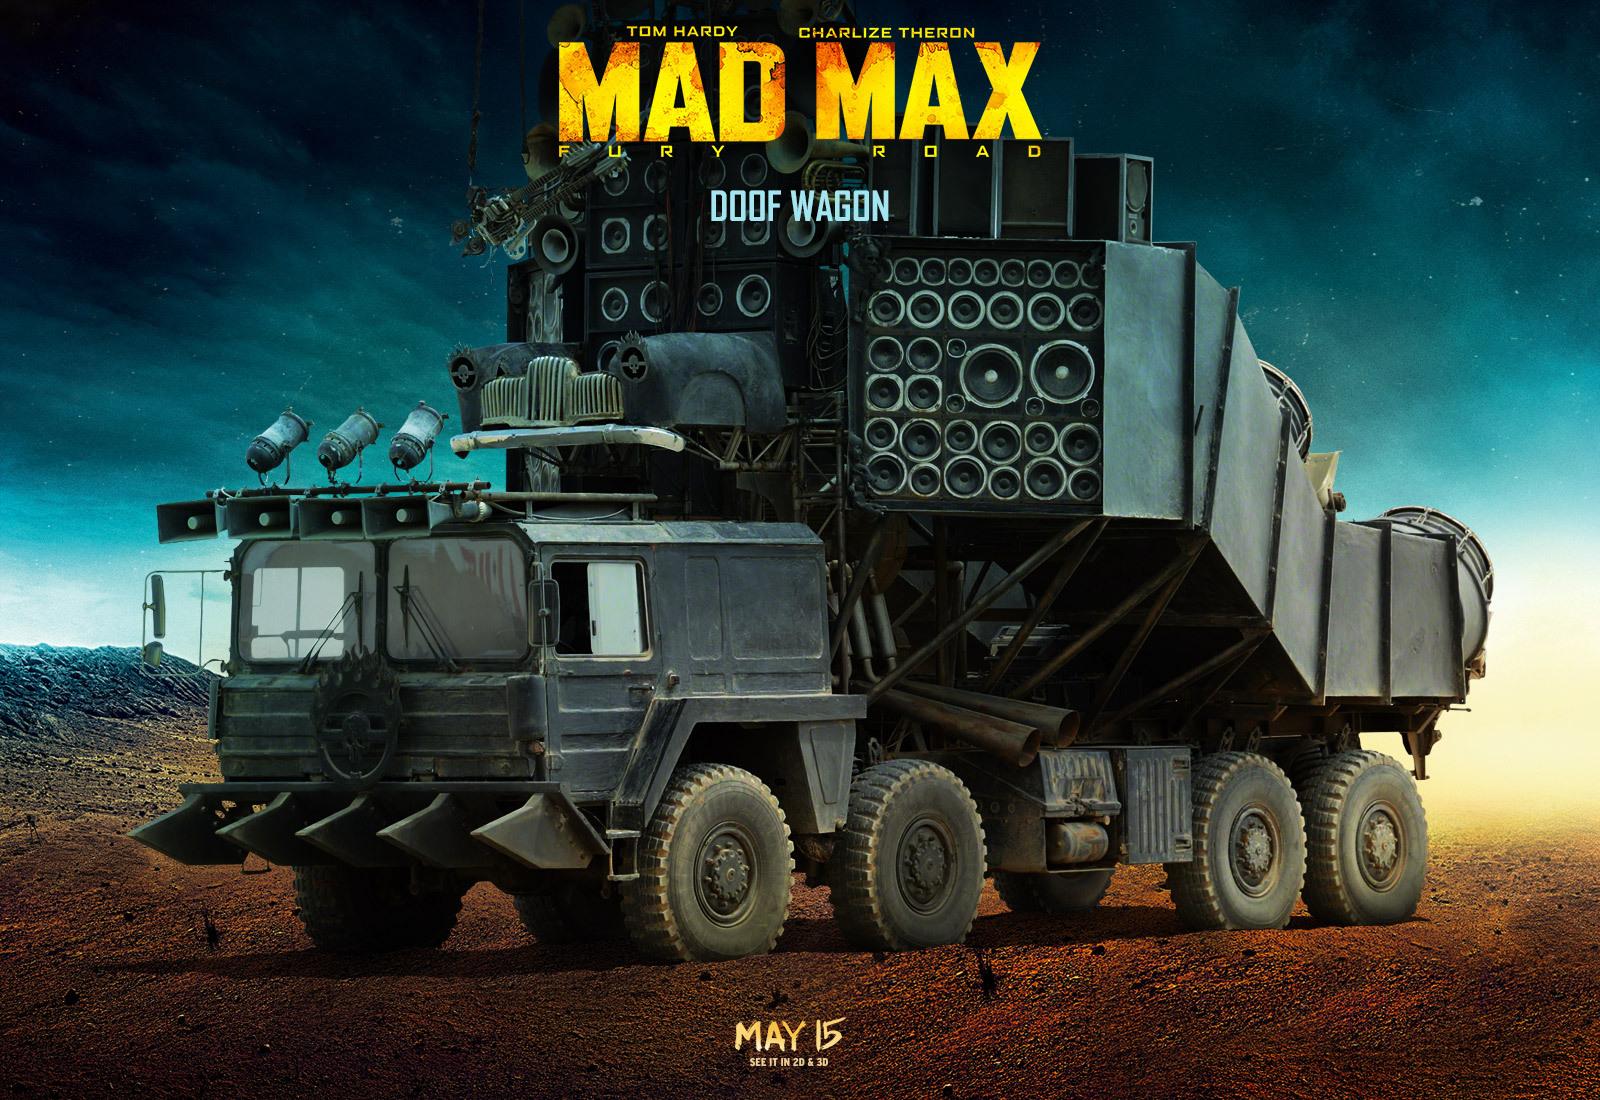 Uma das estrelas do filme, Doof Wagon é construído sobre lança-mísseis de fabricação alemã